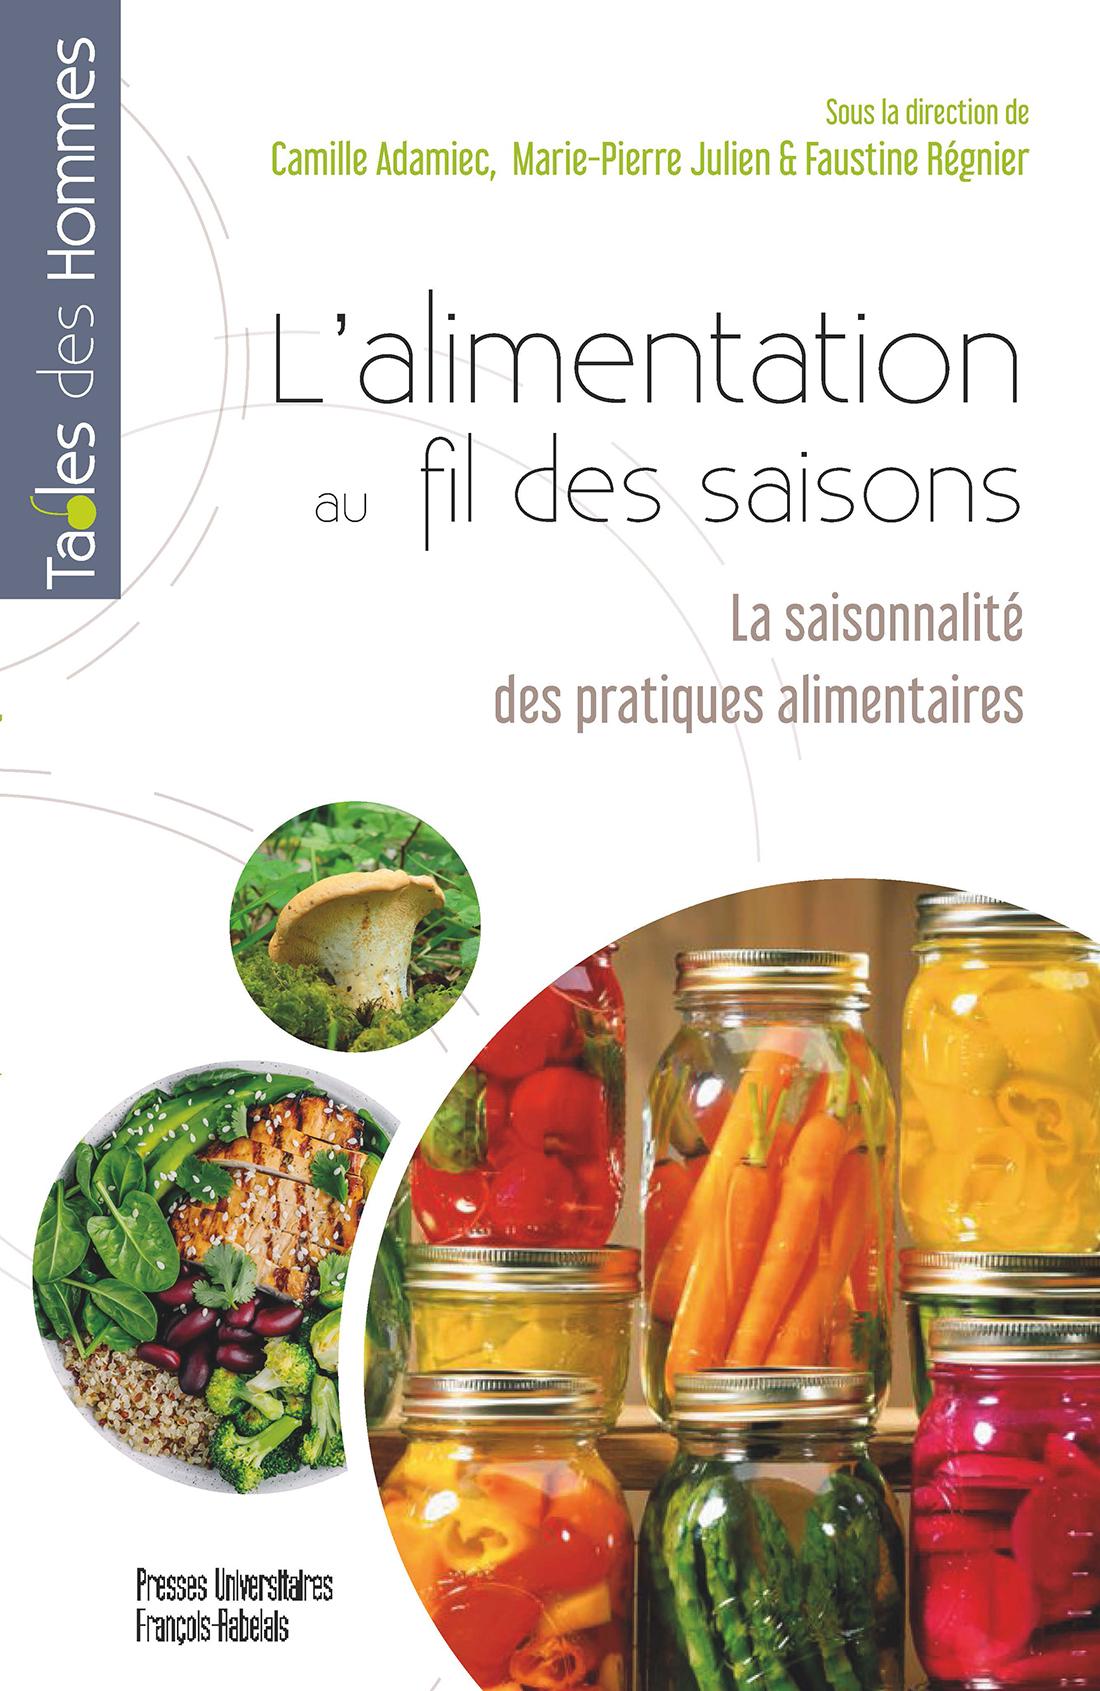 illustration L'alimentation au fil des saisons : La saisonnalité des pratiques alimentaires